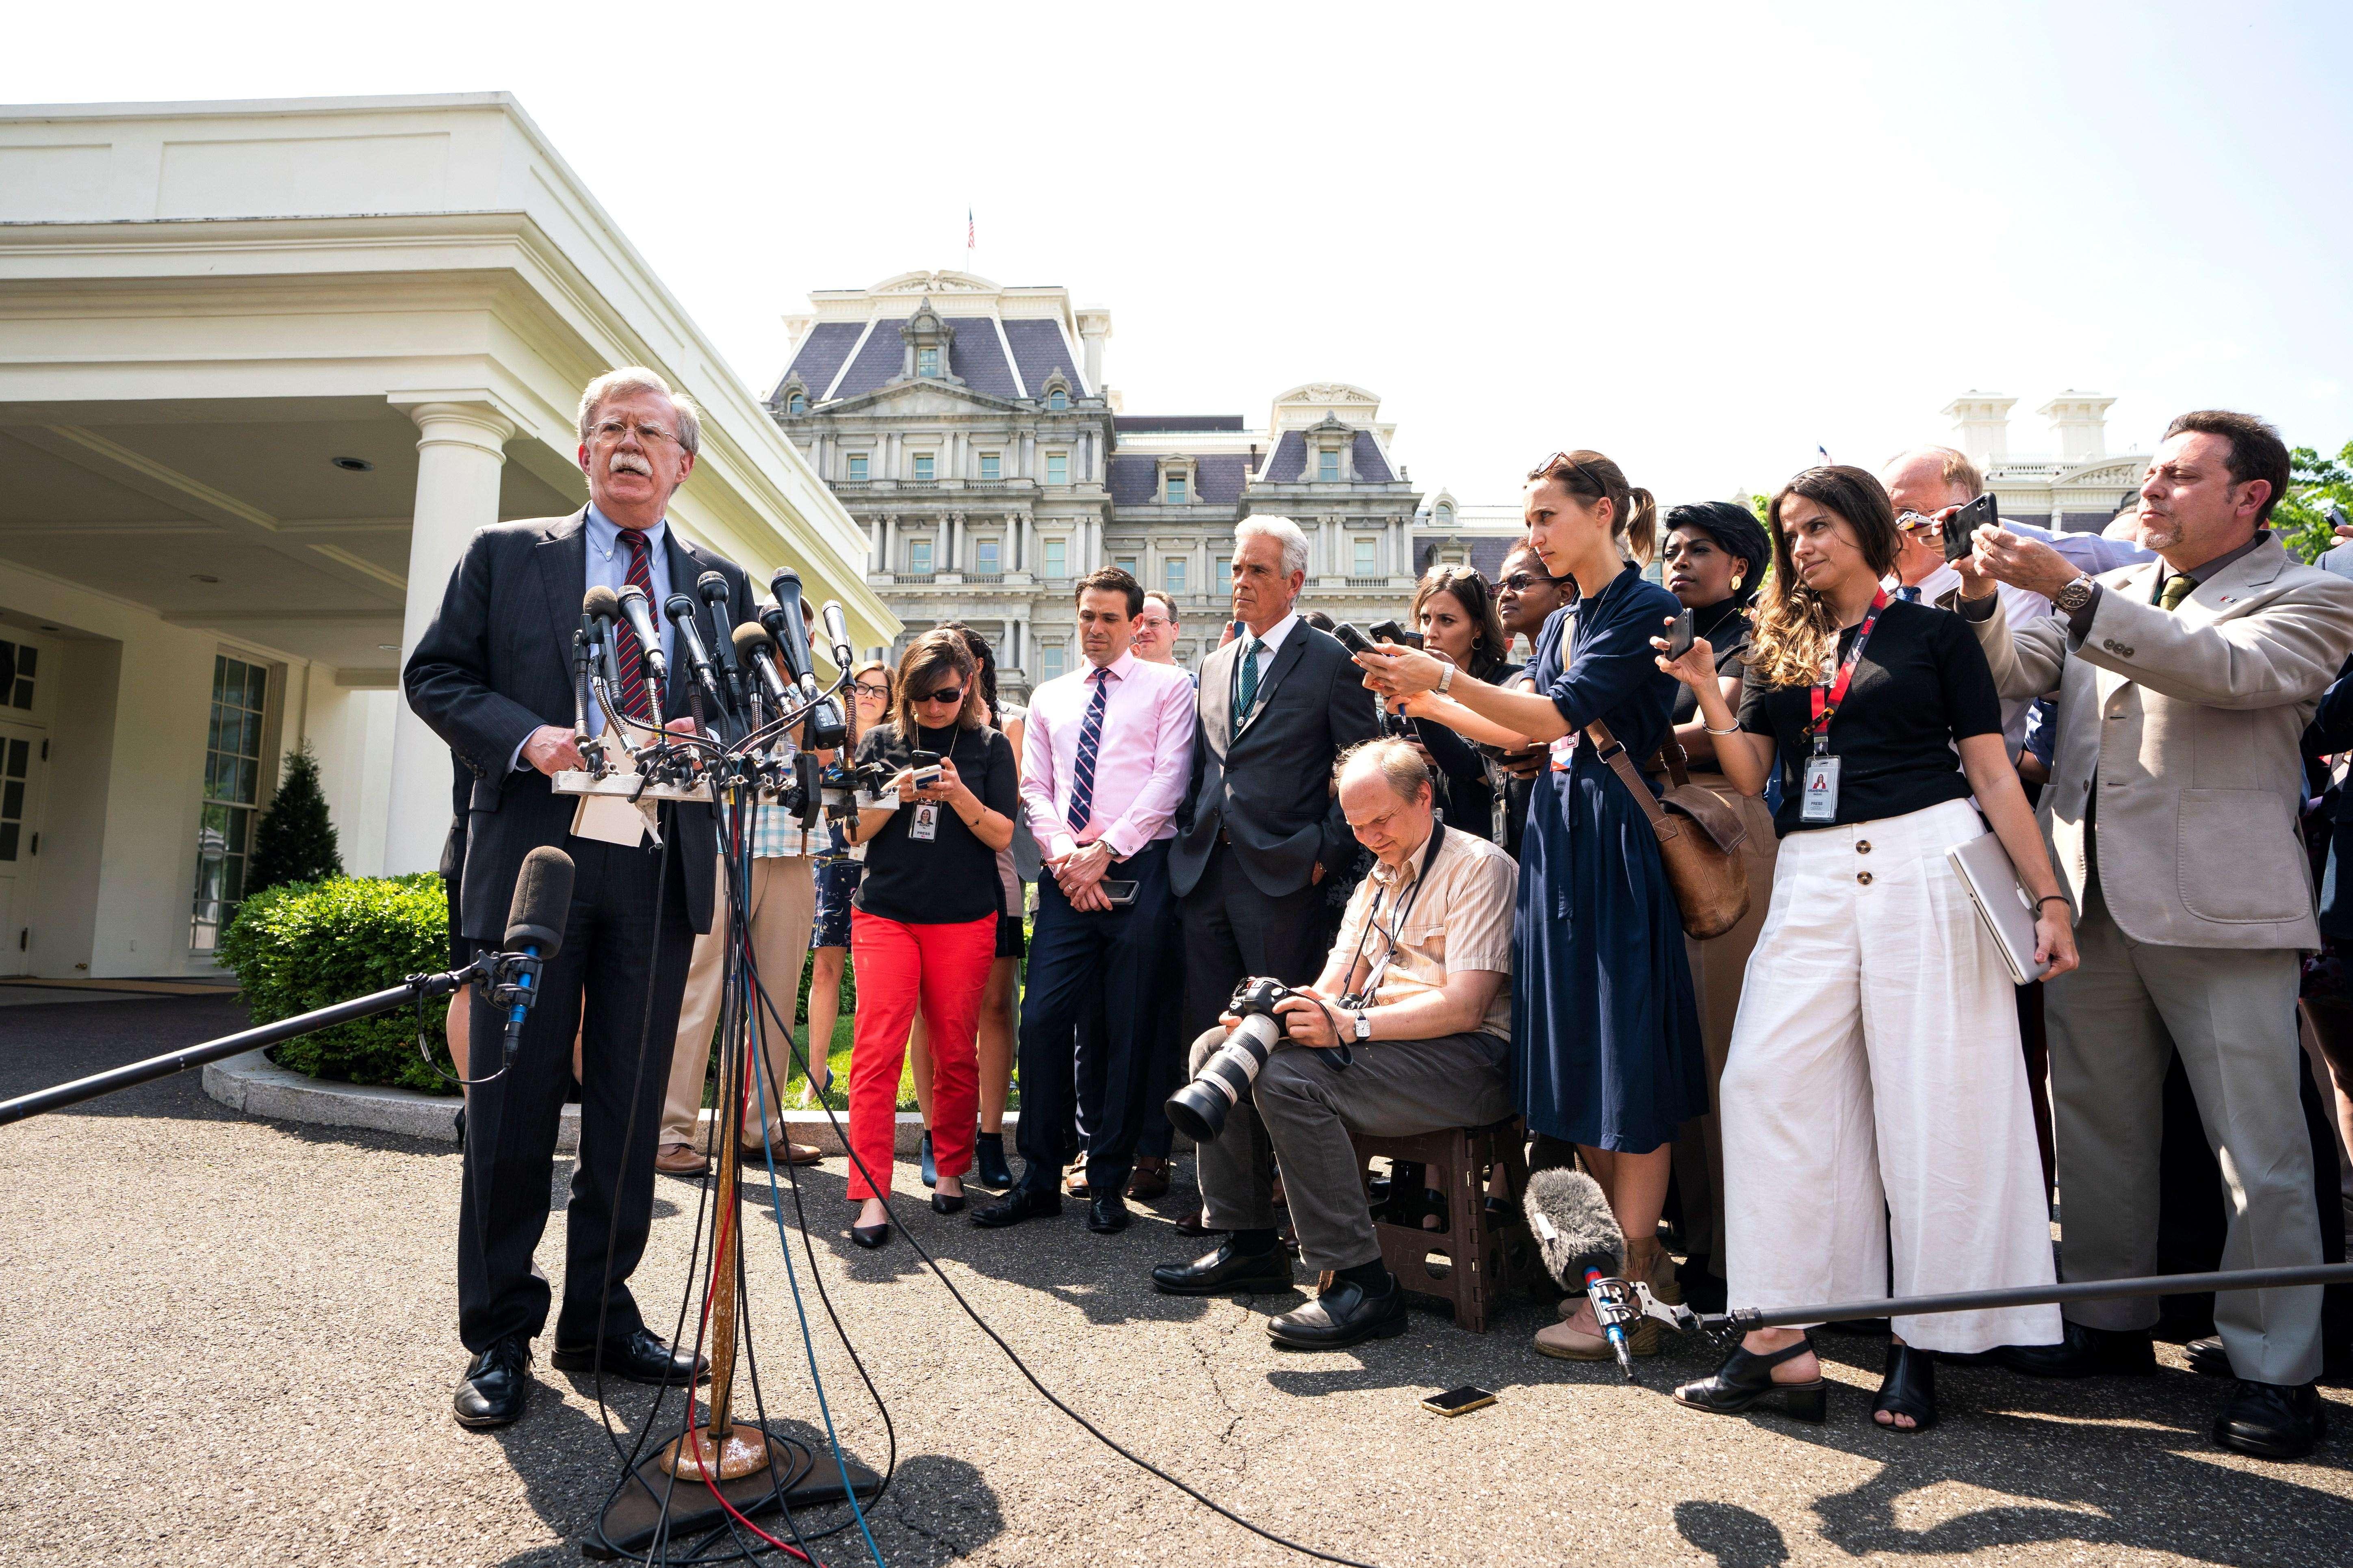 John Bolton, asesor de seguridad nacional de la Casa Blanca, ofrece una rueda de prensa sobre el levantamiento opositor a Maduro en Venezuela, este martes, en Washington (EE.UU.).